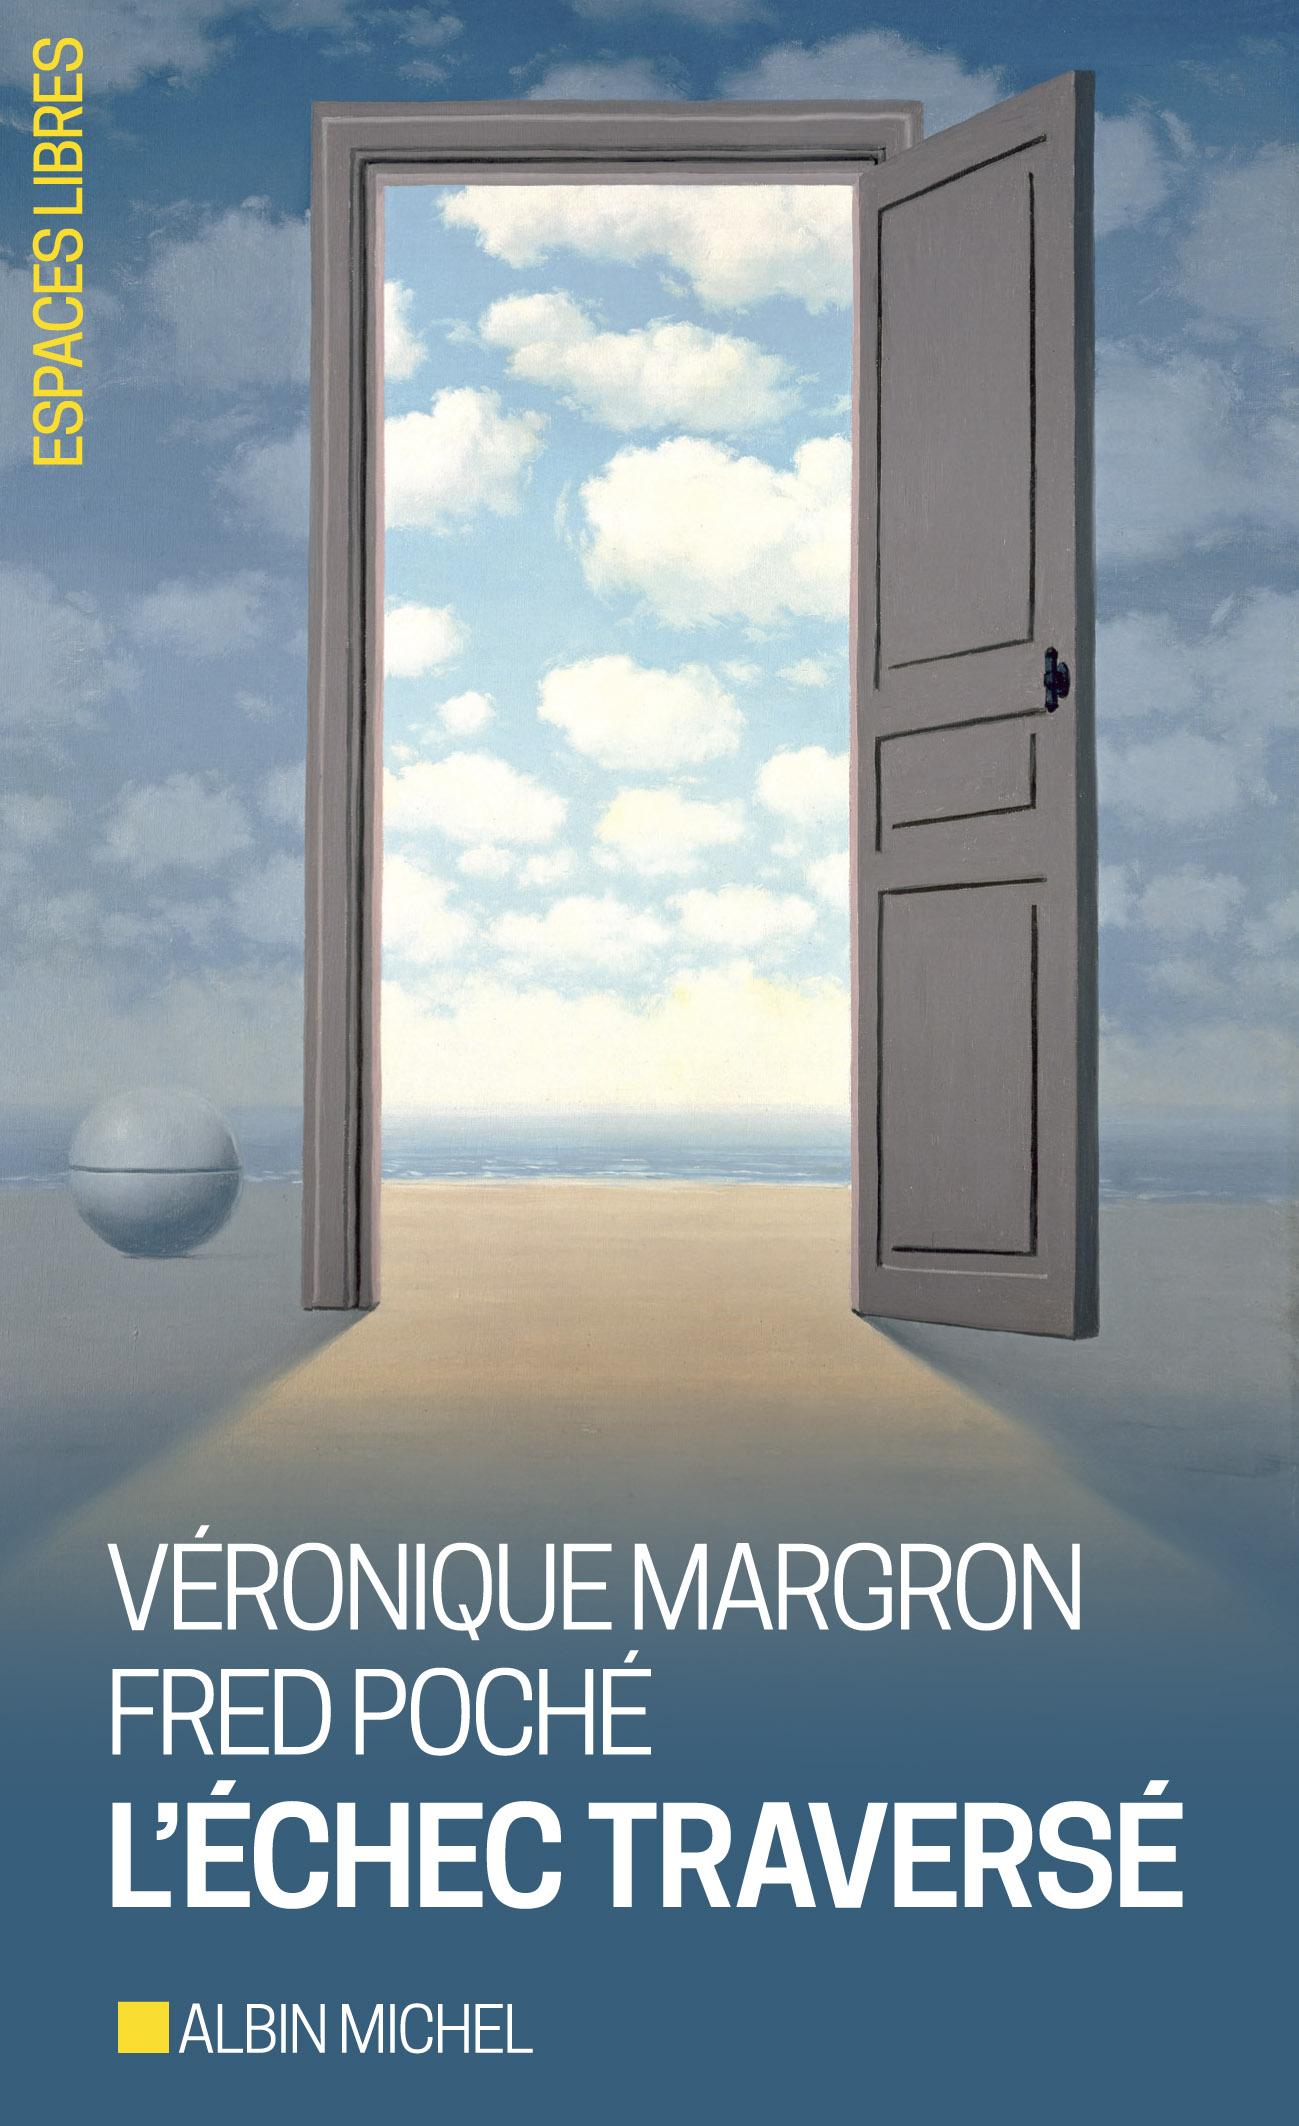 MARGRON-POCHE L'echec traversé P1 v2page1